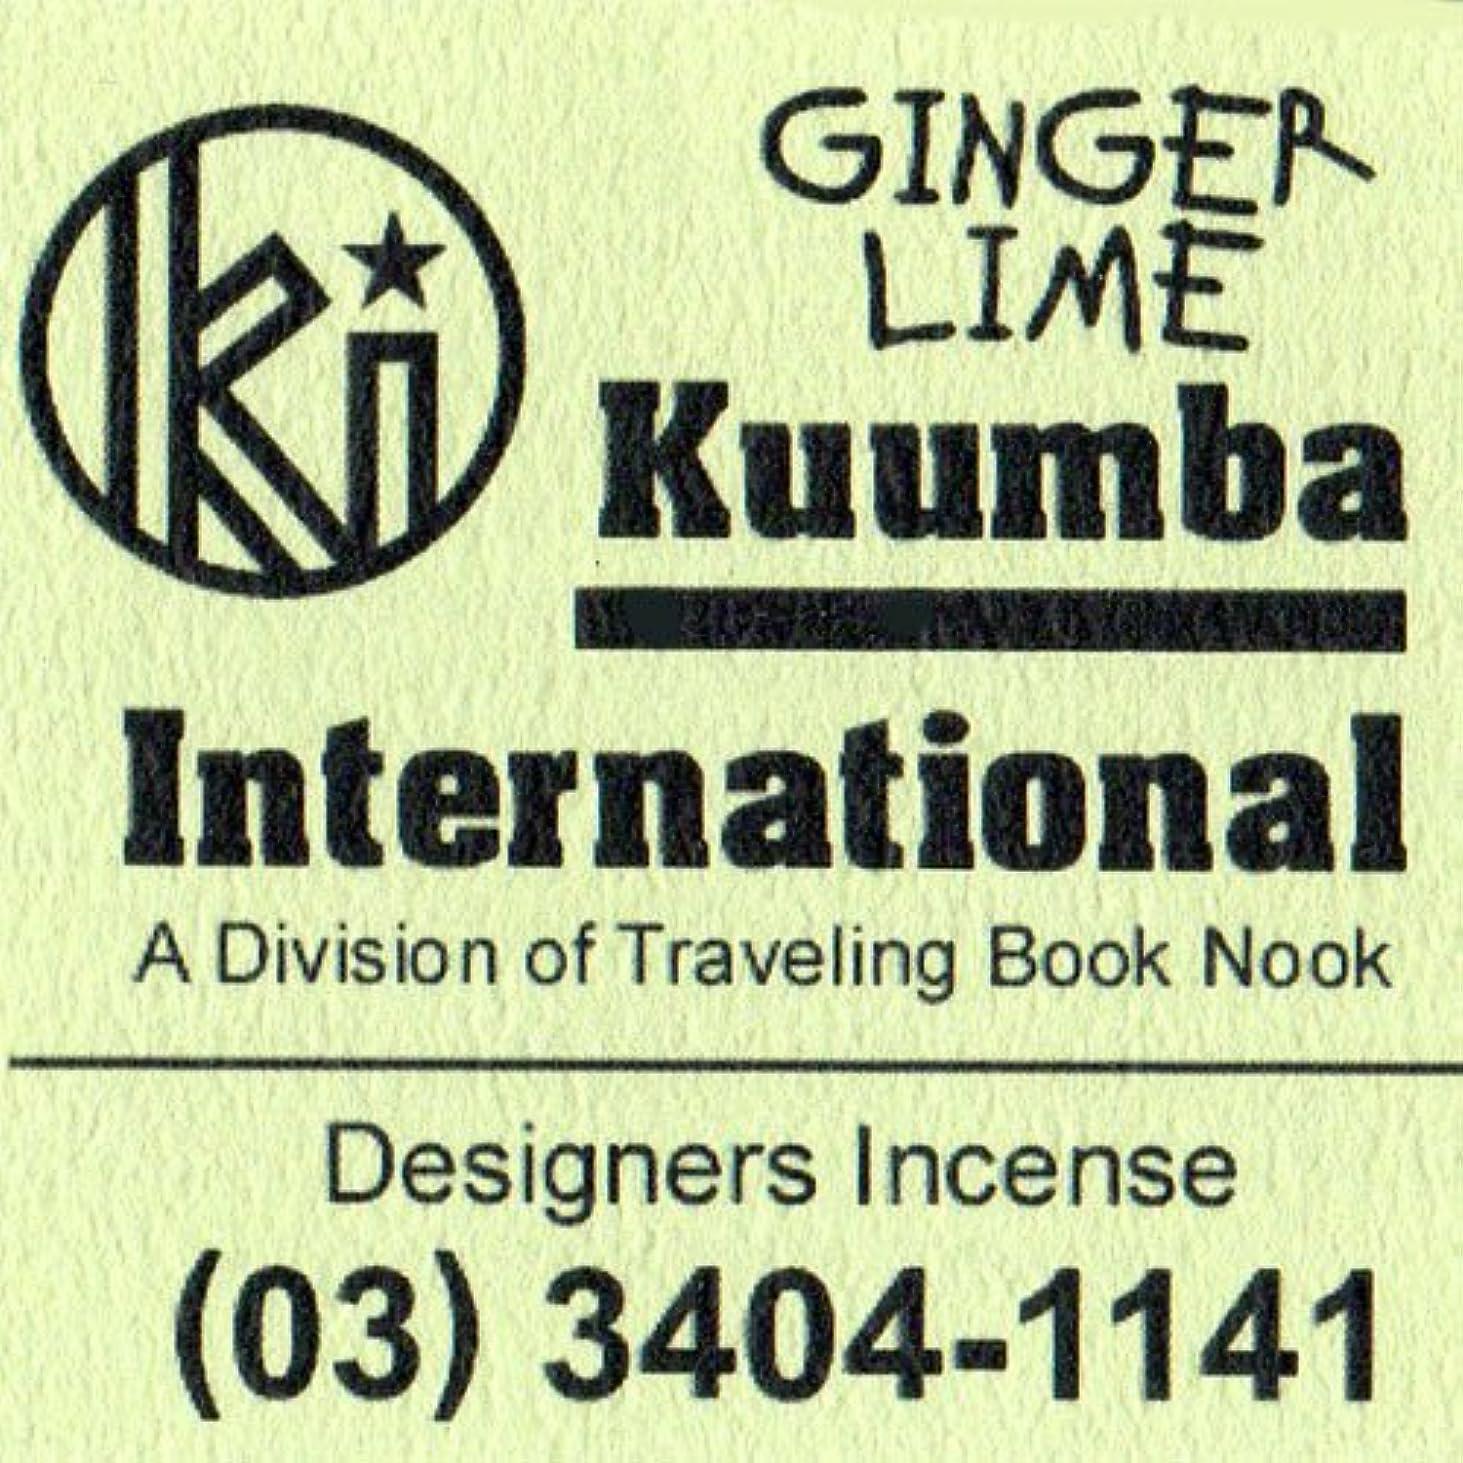 バリーソケット識別KUUMBA / クンバ『incense』(GINGER LIME) (Regular size)